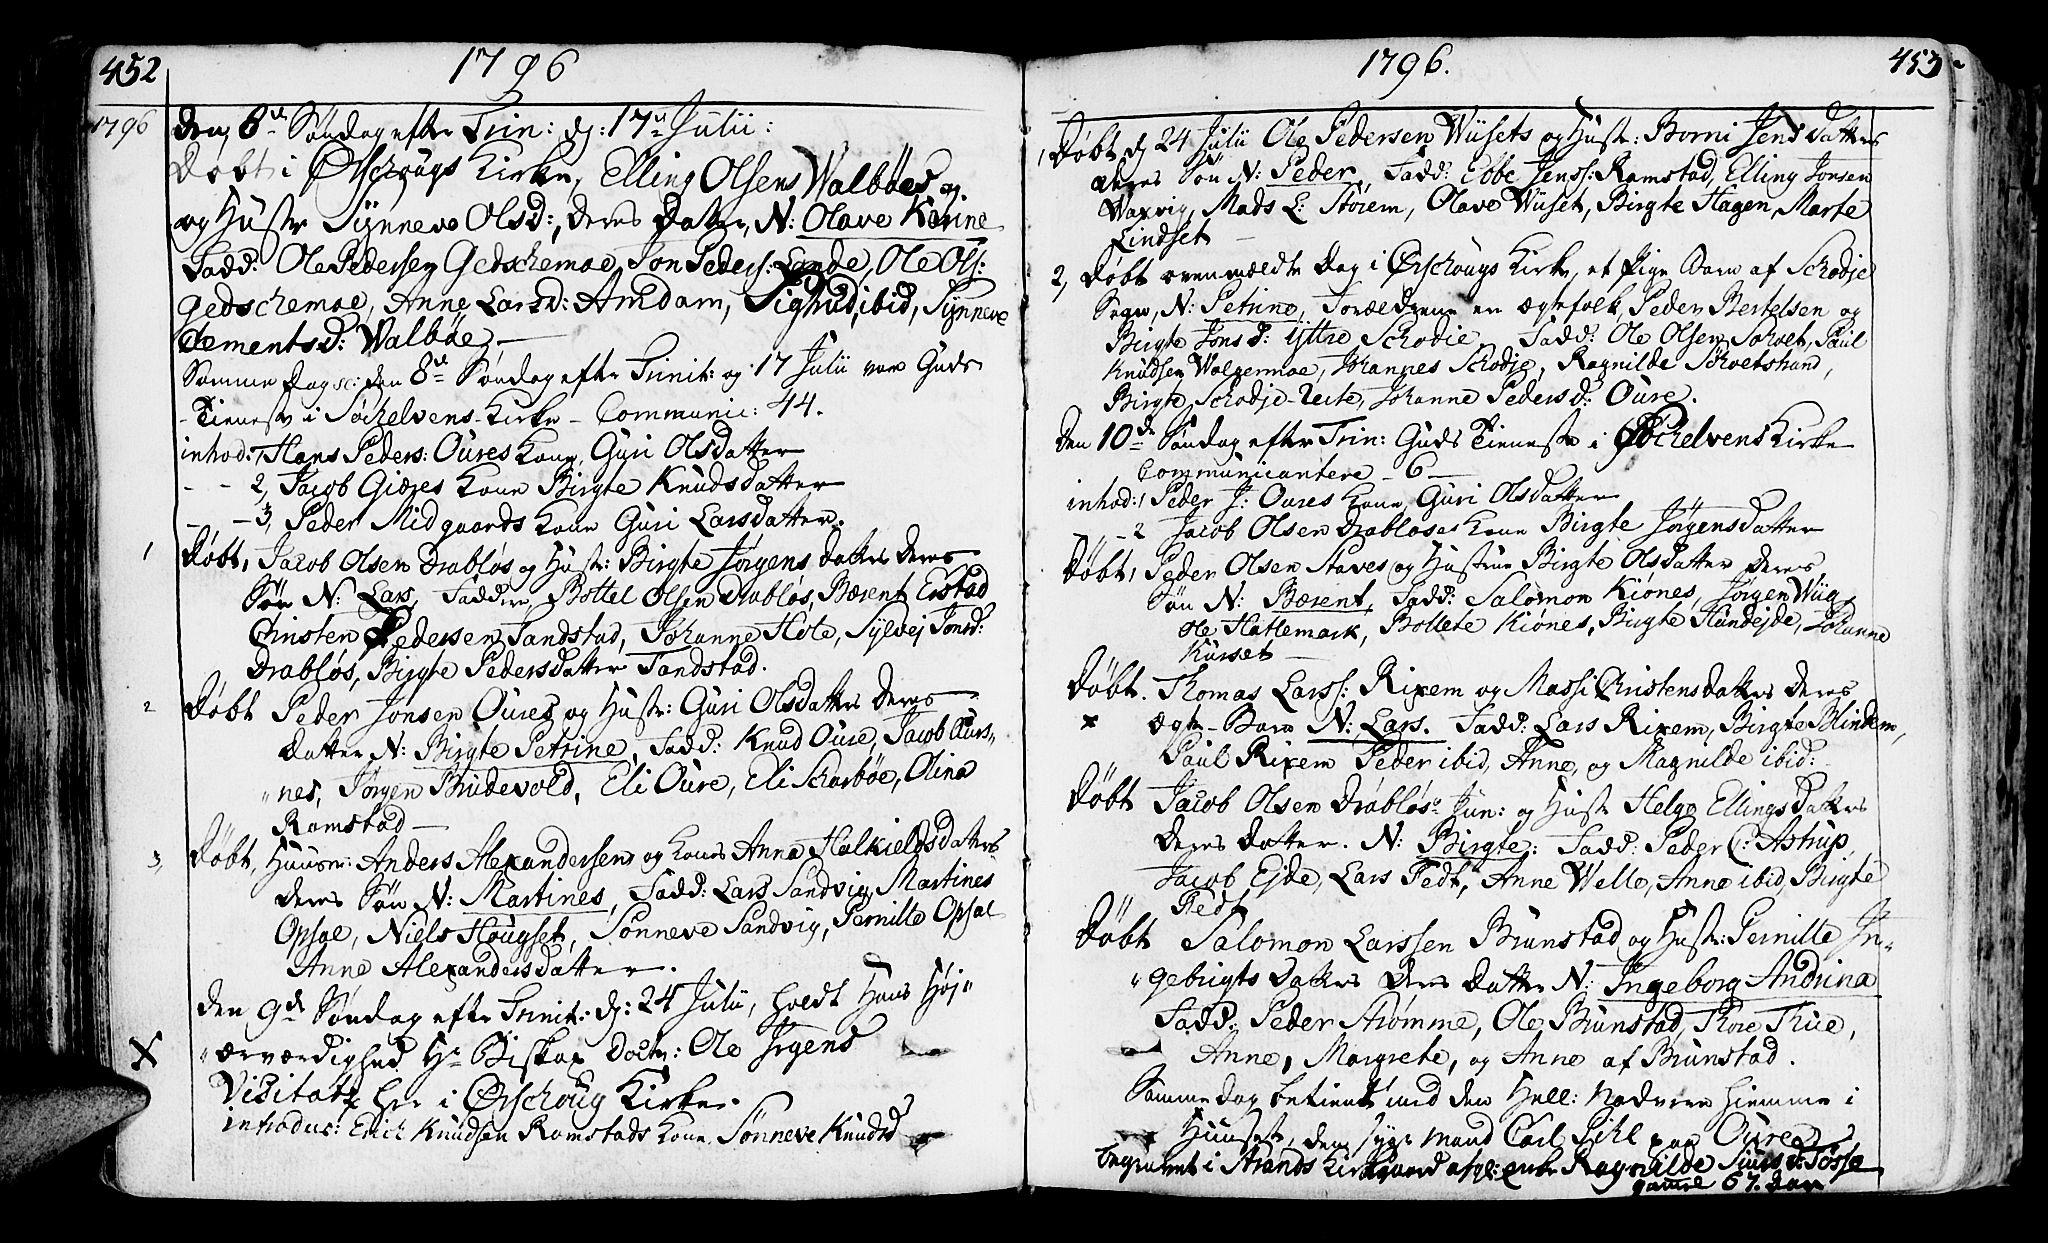 SAT, Ministerialprotokoller, klokkerbøker og fødselsregistre - Møre og Romsdal, 522/L0308: Ministerialbok nr. 522A03, 1773-1809, s. 452-453